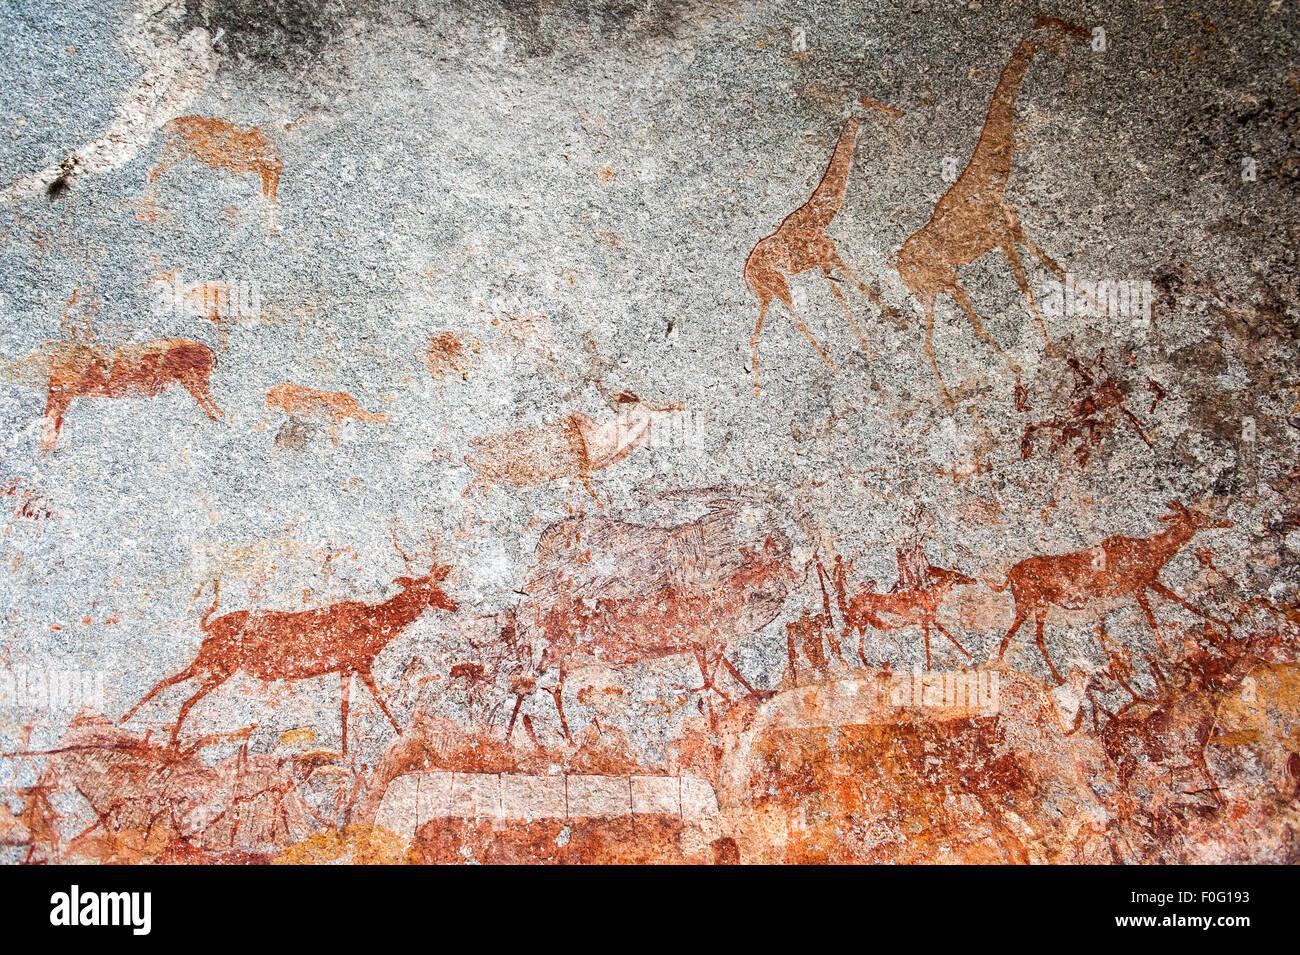 Arte rupestre con animales pintados en la pared Nswatugi Cuevas Parque Nacional de Matobo Zimbabwe Africa Imagen De Stock